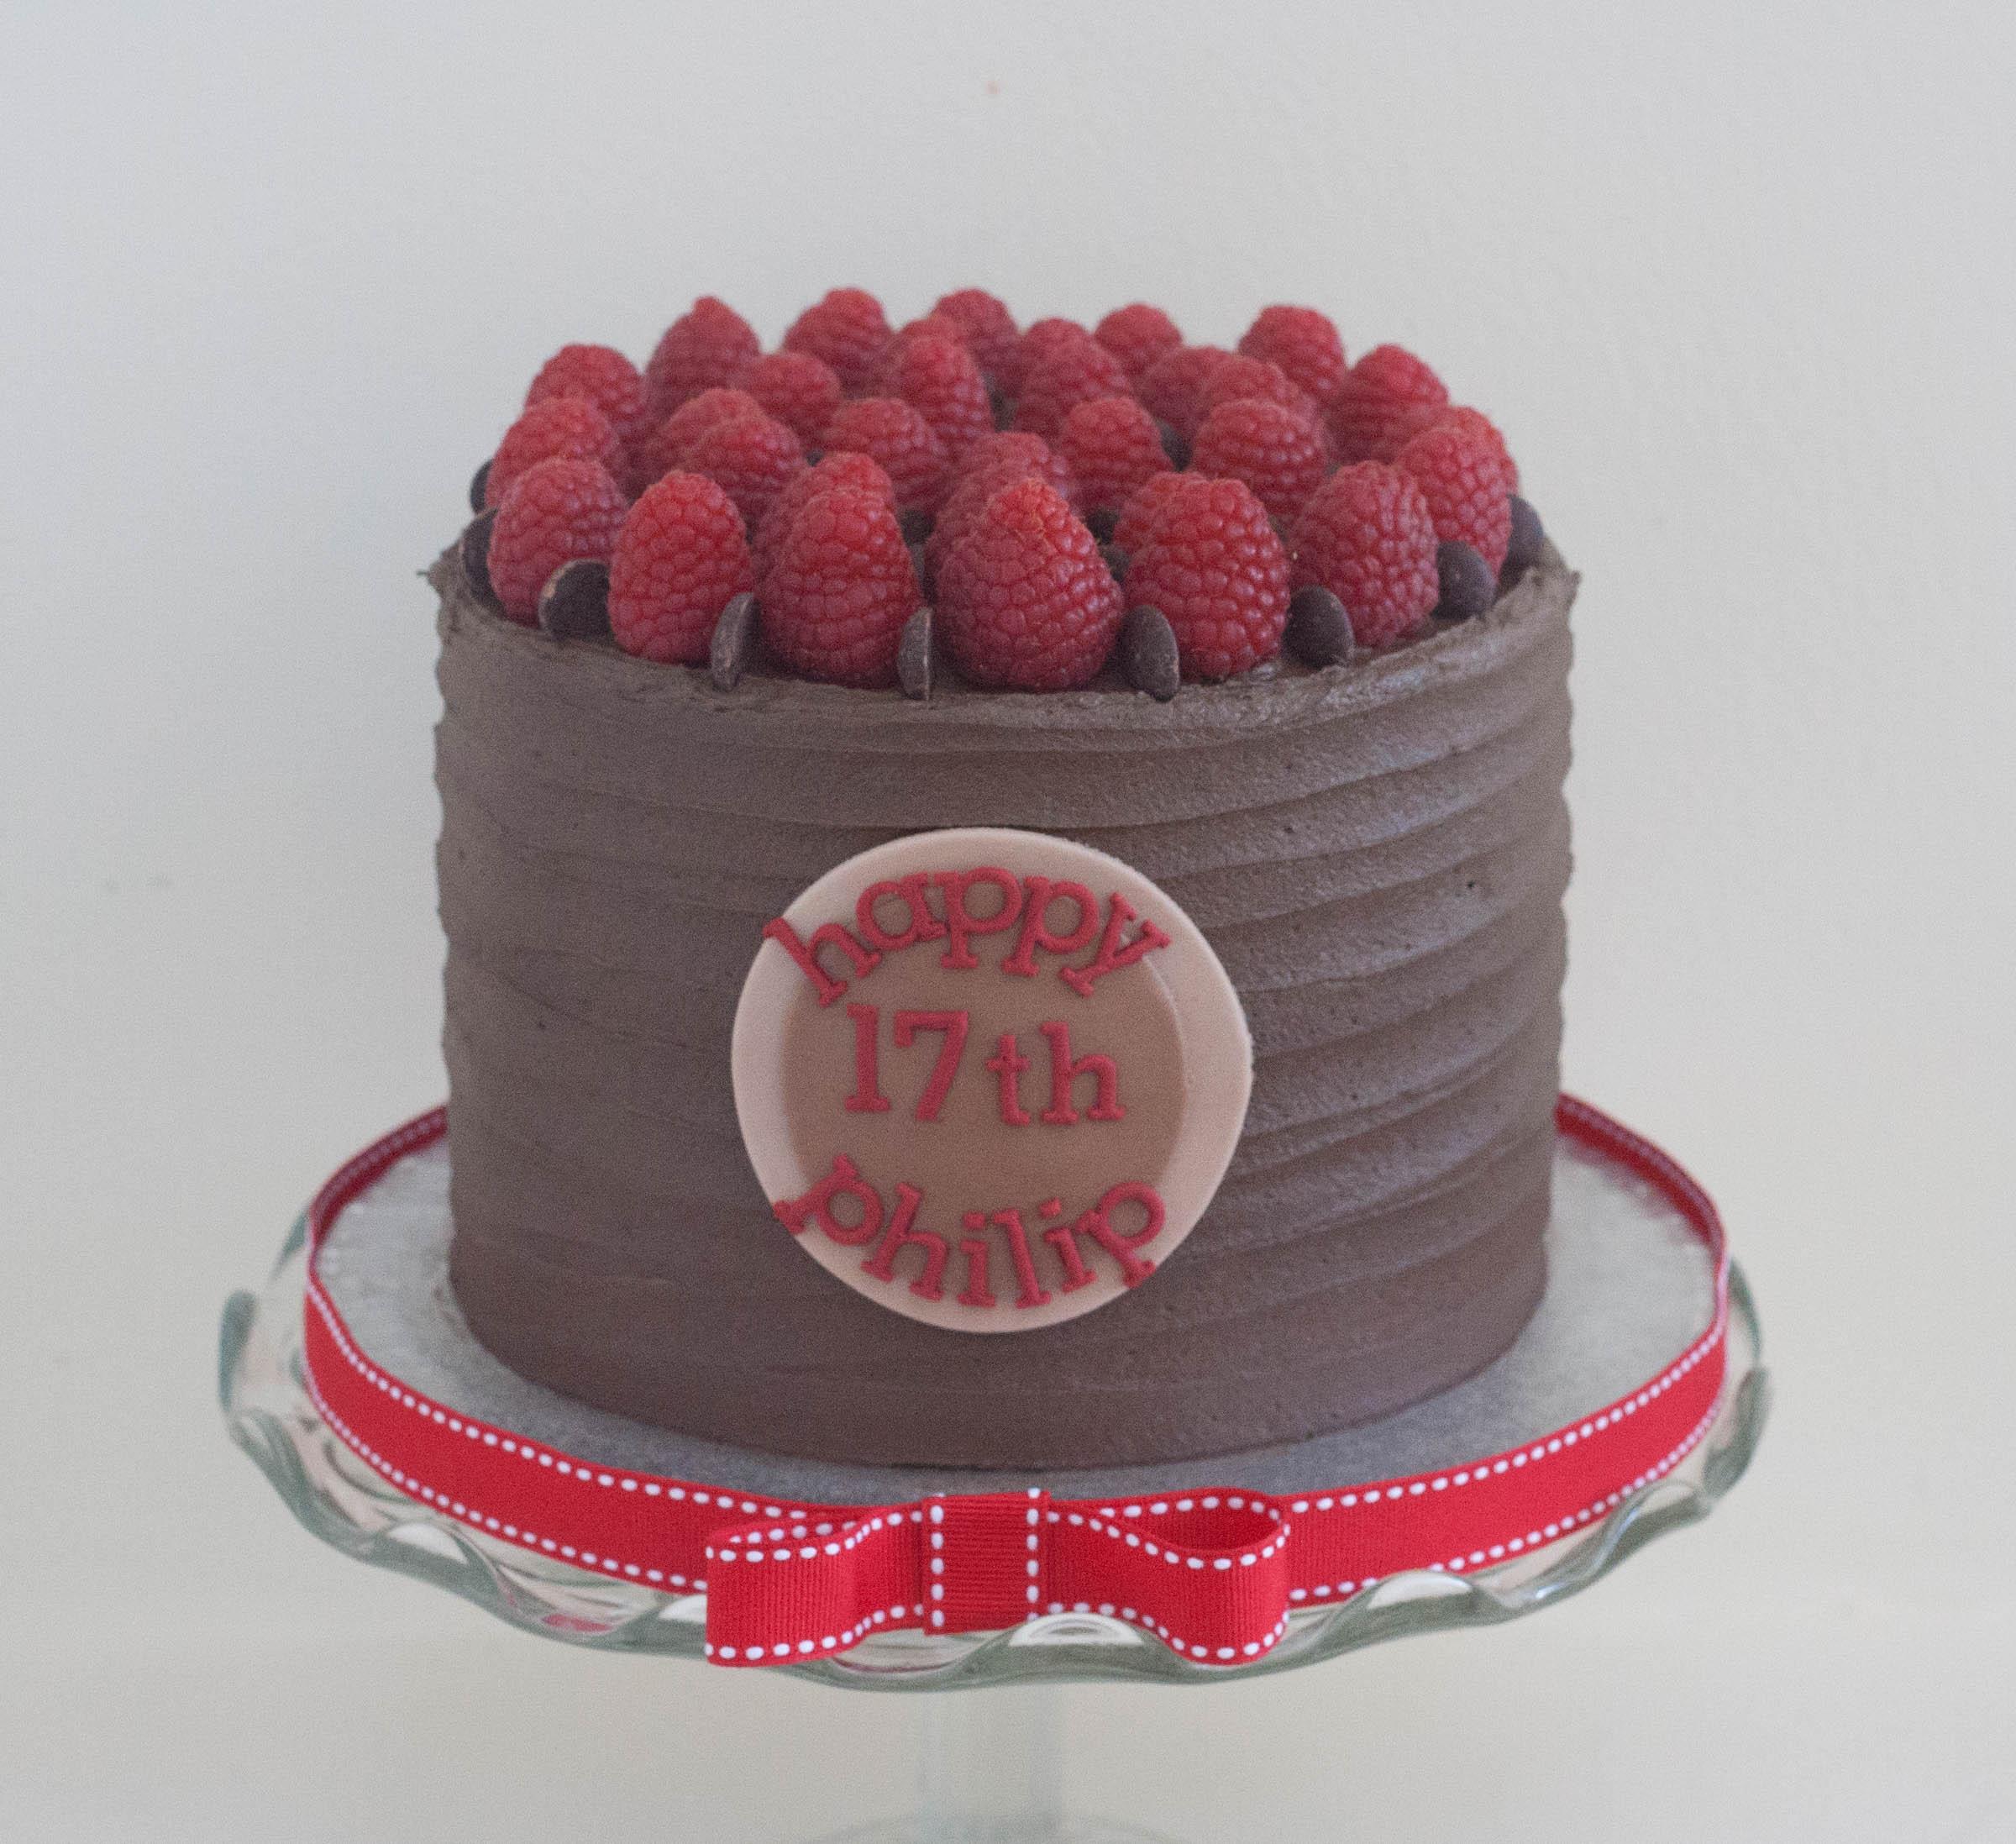 choc rasp vegan cake